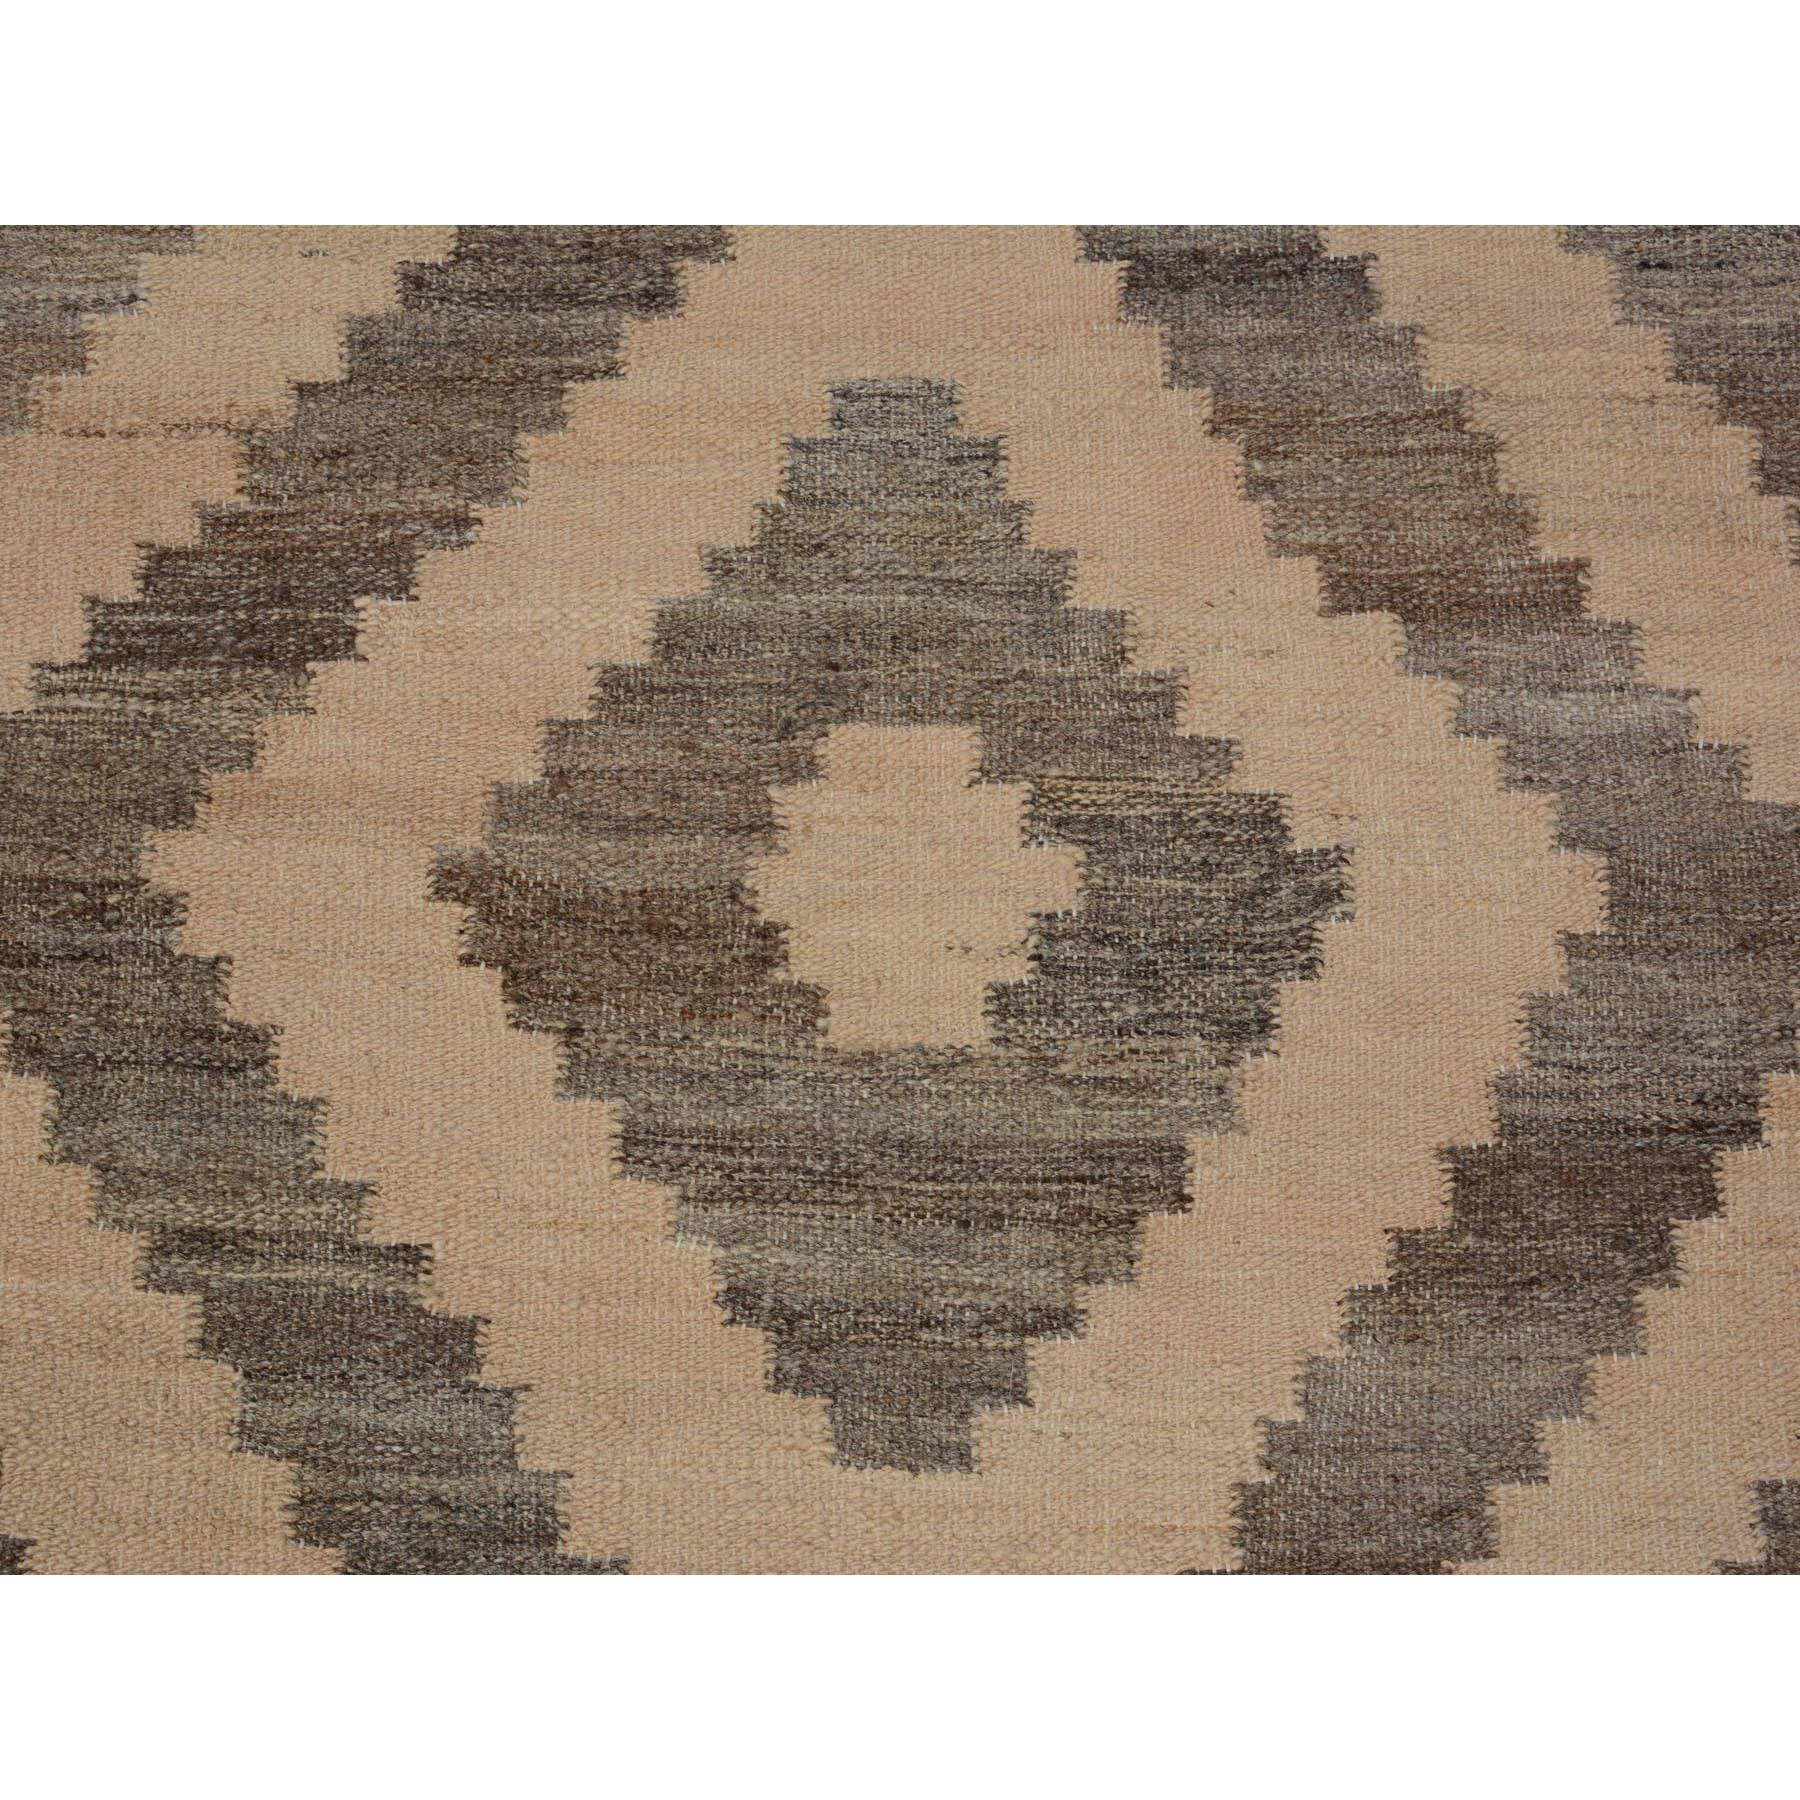 """2'9""""x9'9"""" Natural Wool Reversible Afghan Kilim Flat weave Pure Wool Runner Hand Woven Oriental Rug"""